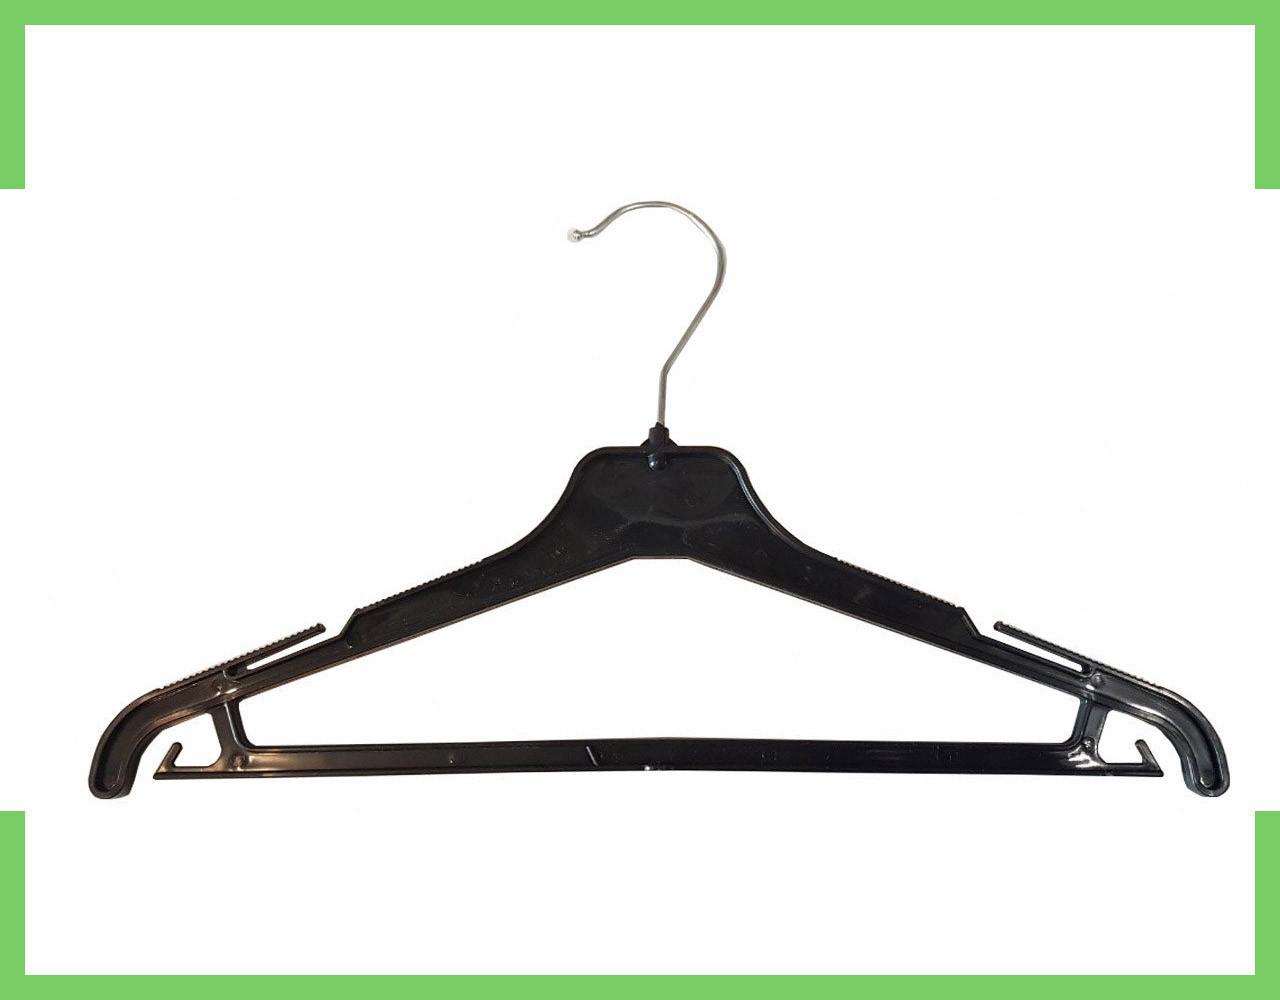 Вешалка костюмная пластмассовые для одежды Женская 40 см